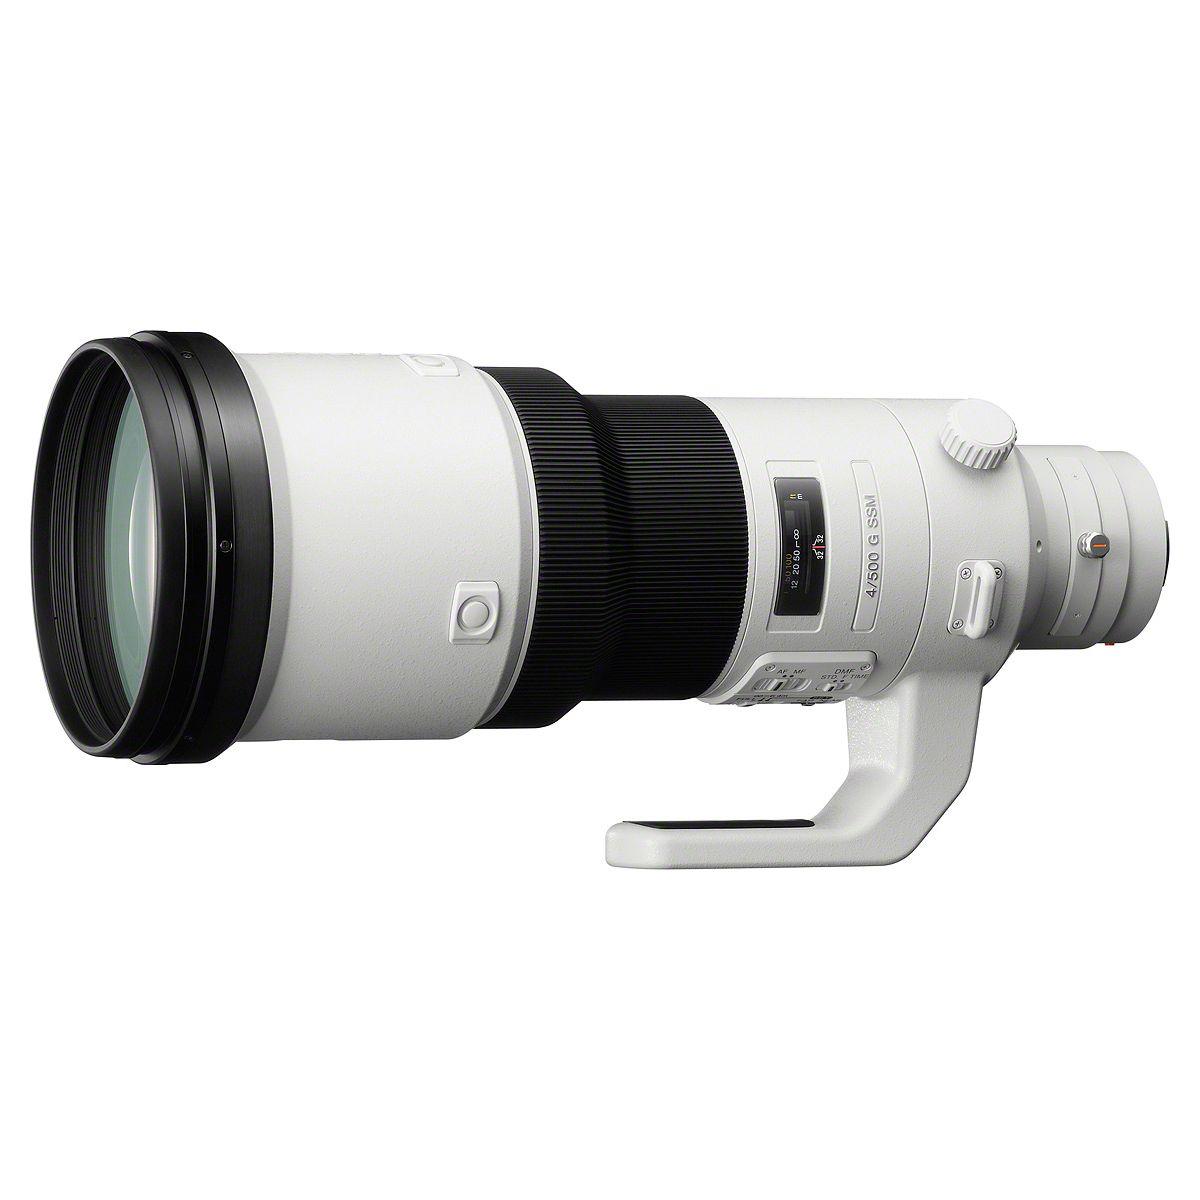 Objectif pour Reflex SONY 500mm f/4 G SSM